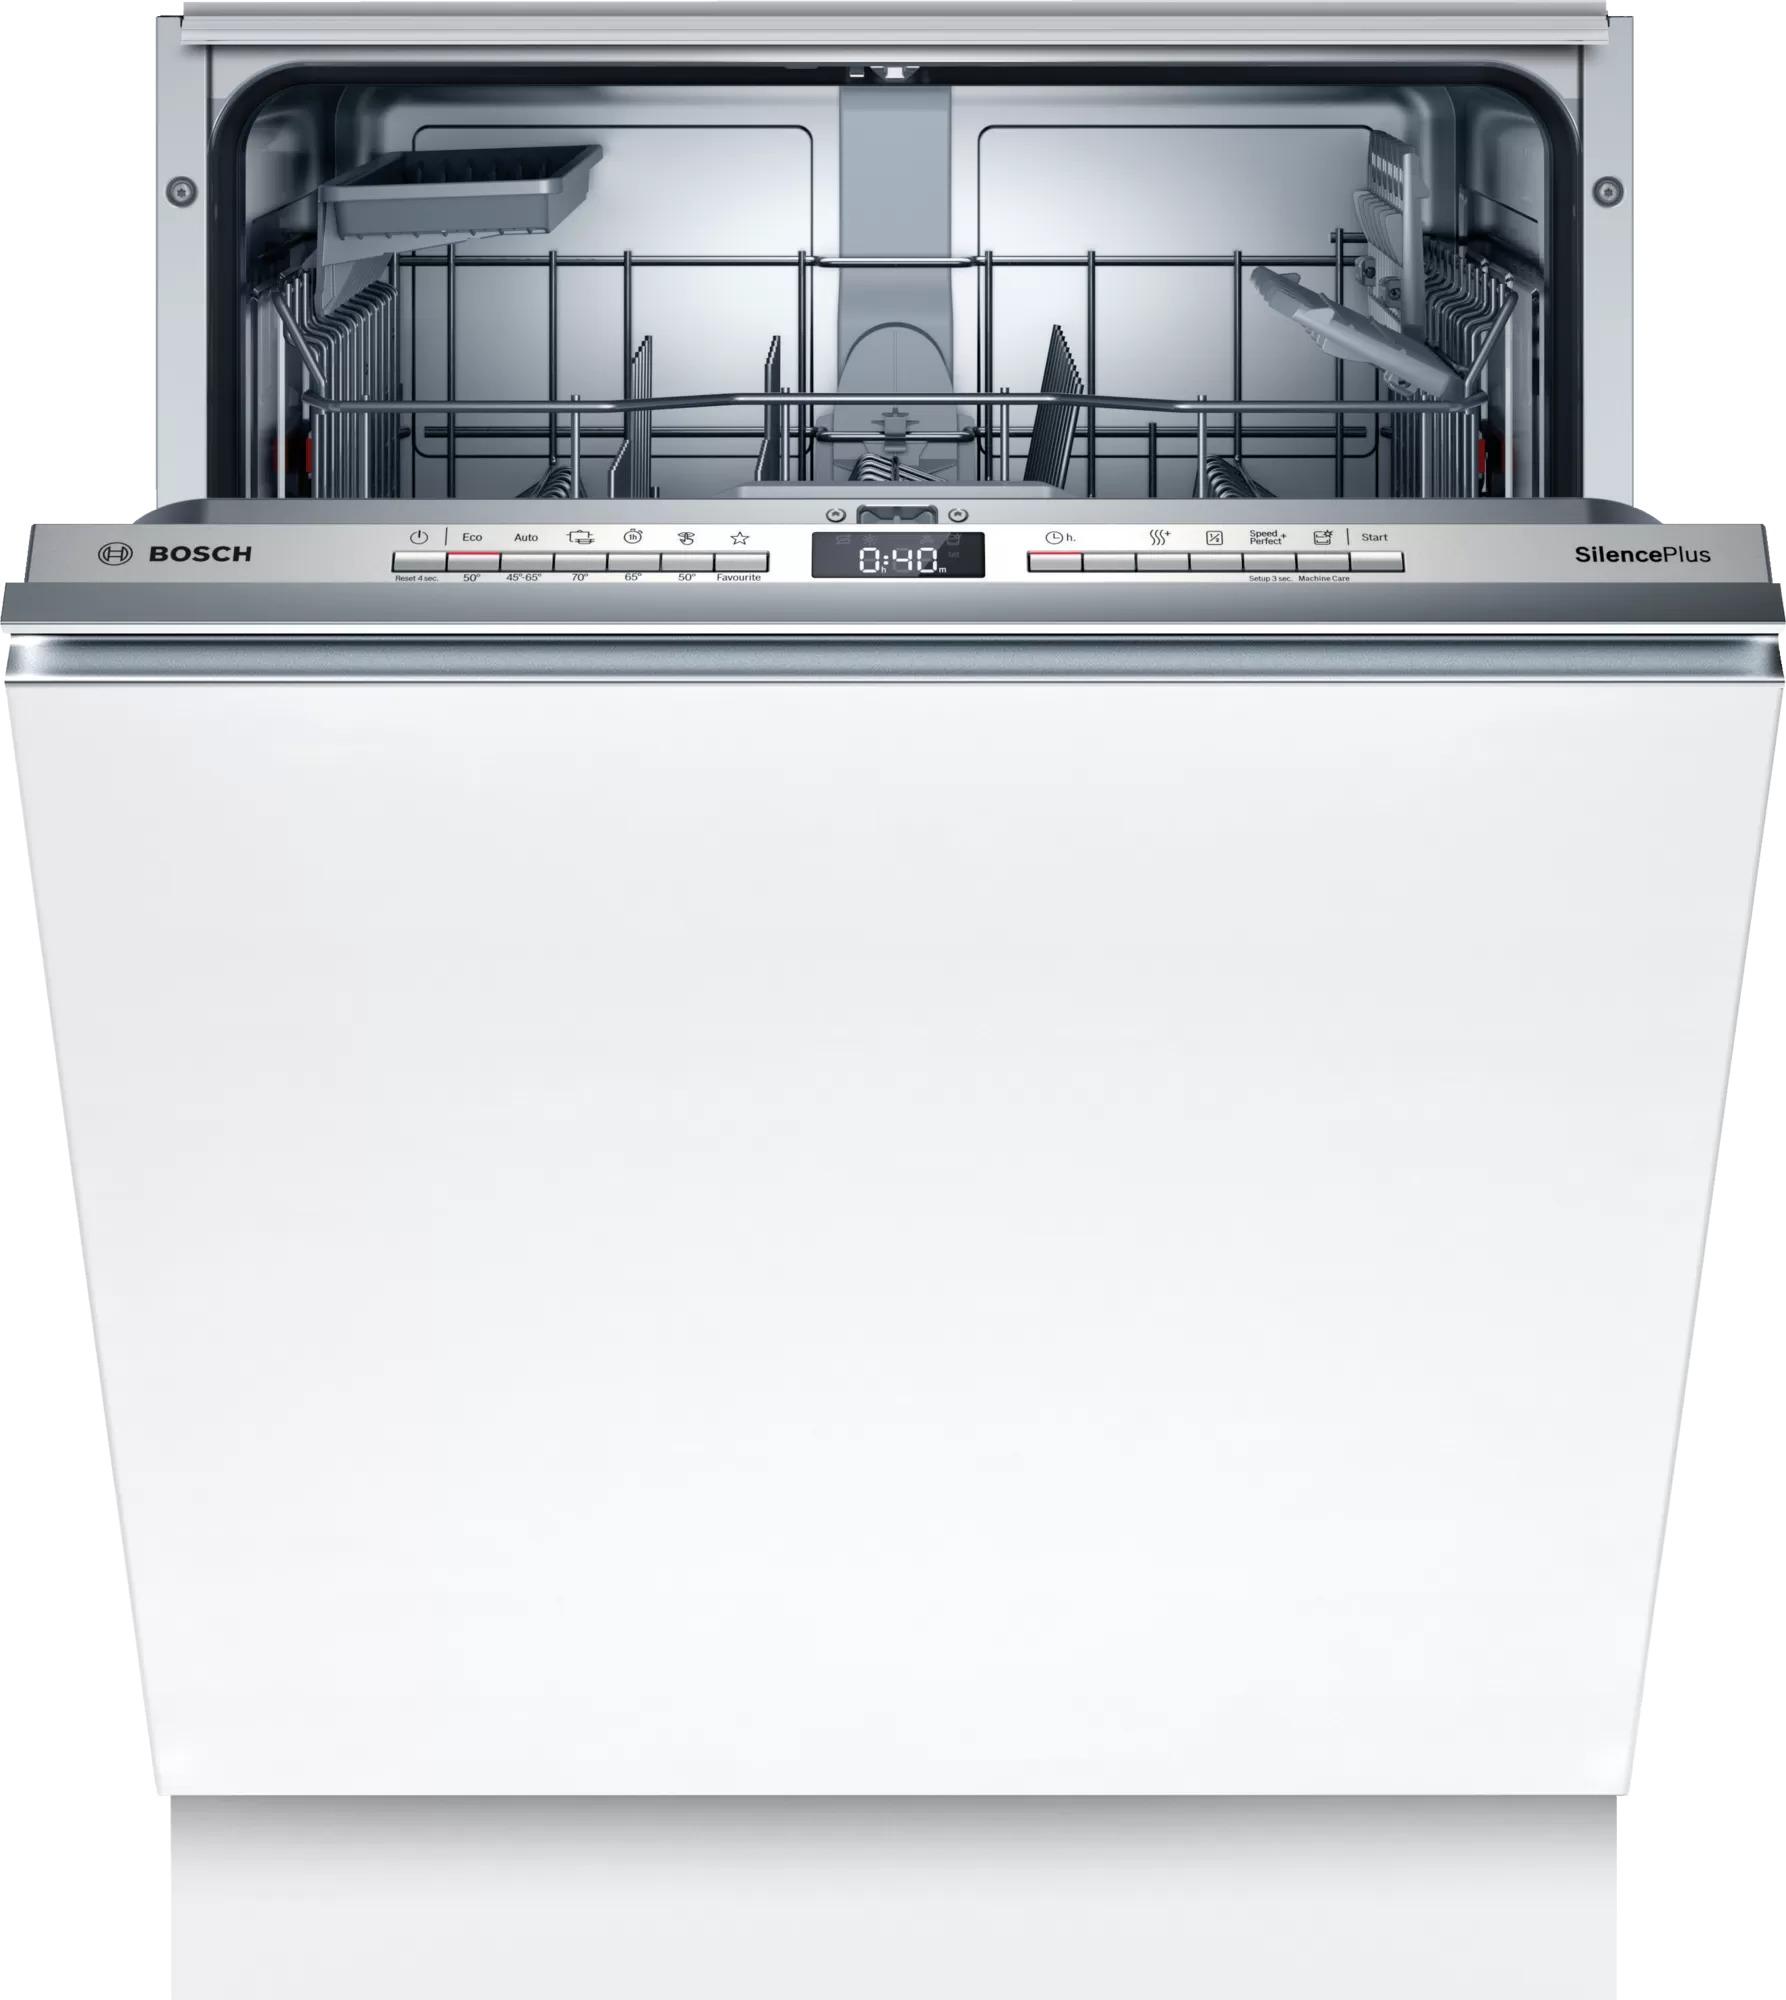 Bosch SGV4HAX48E Vaatwasser